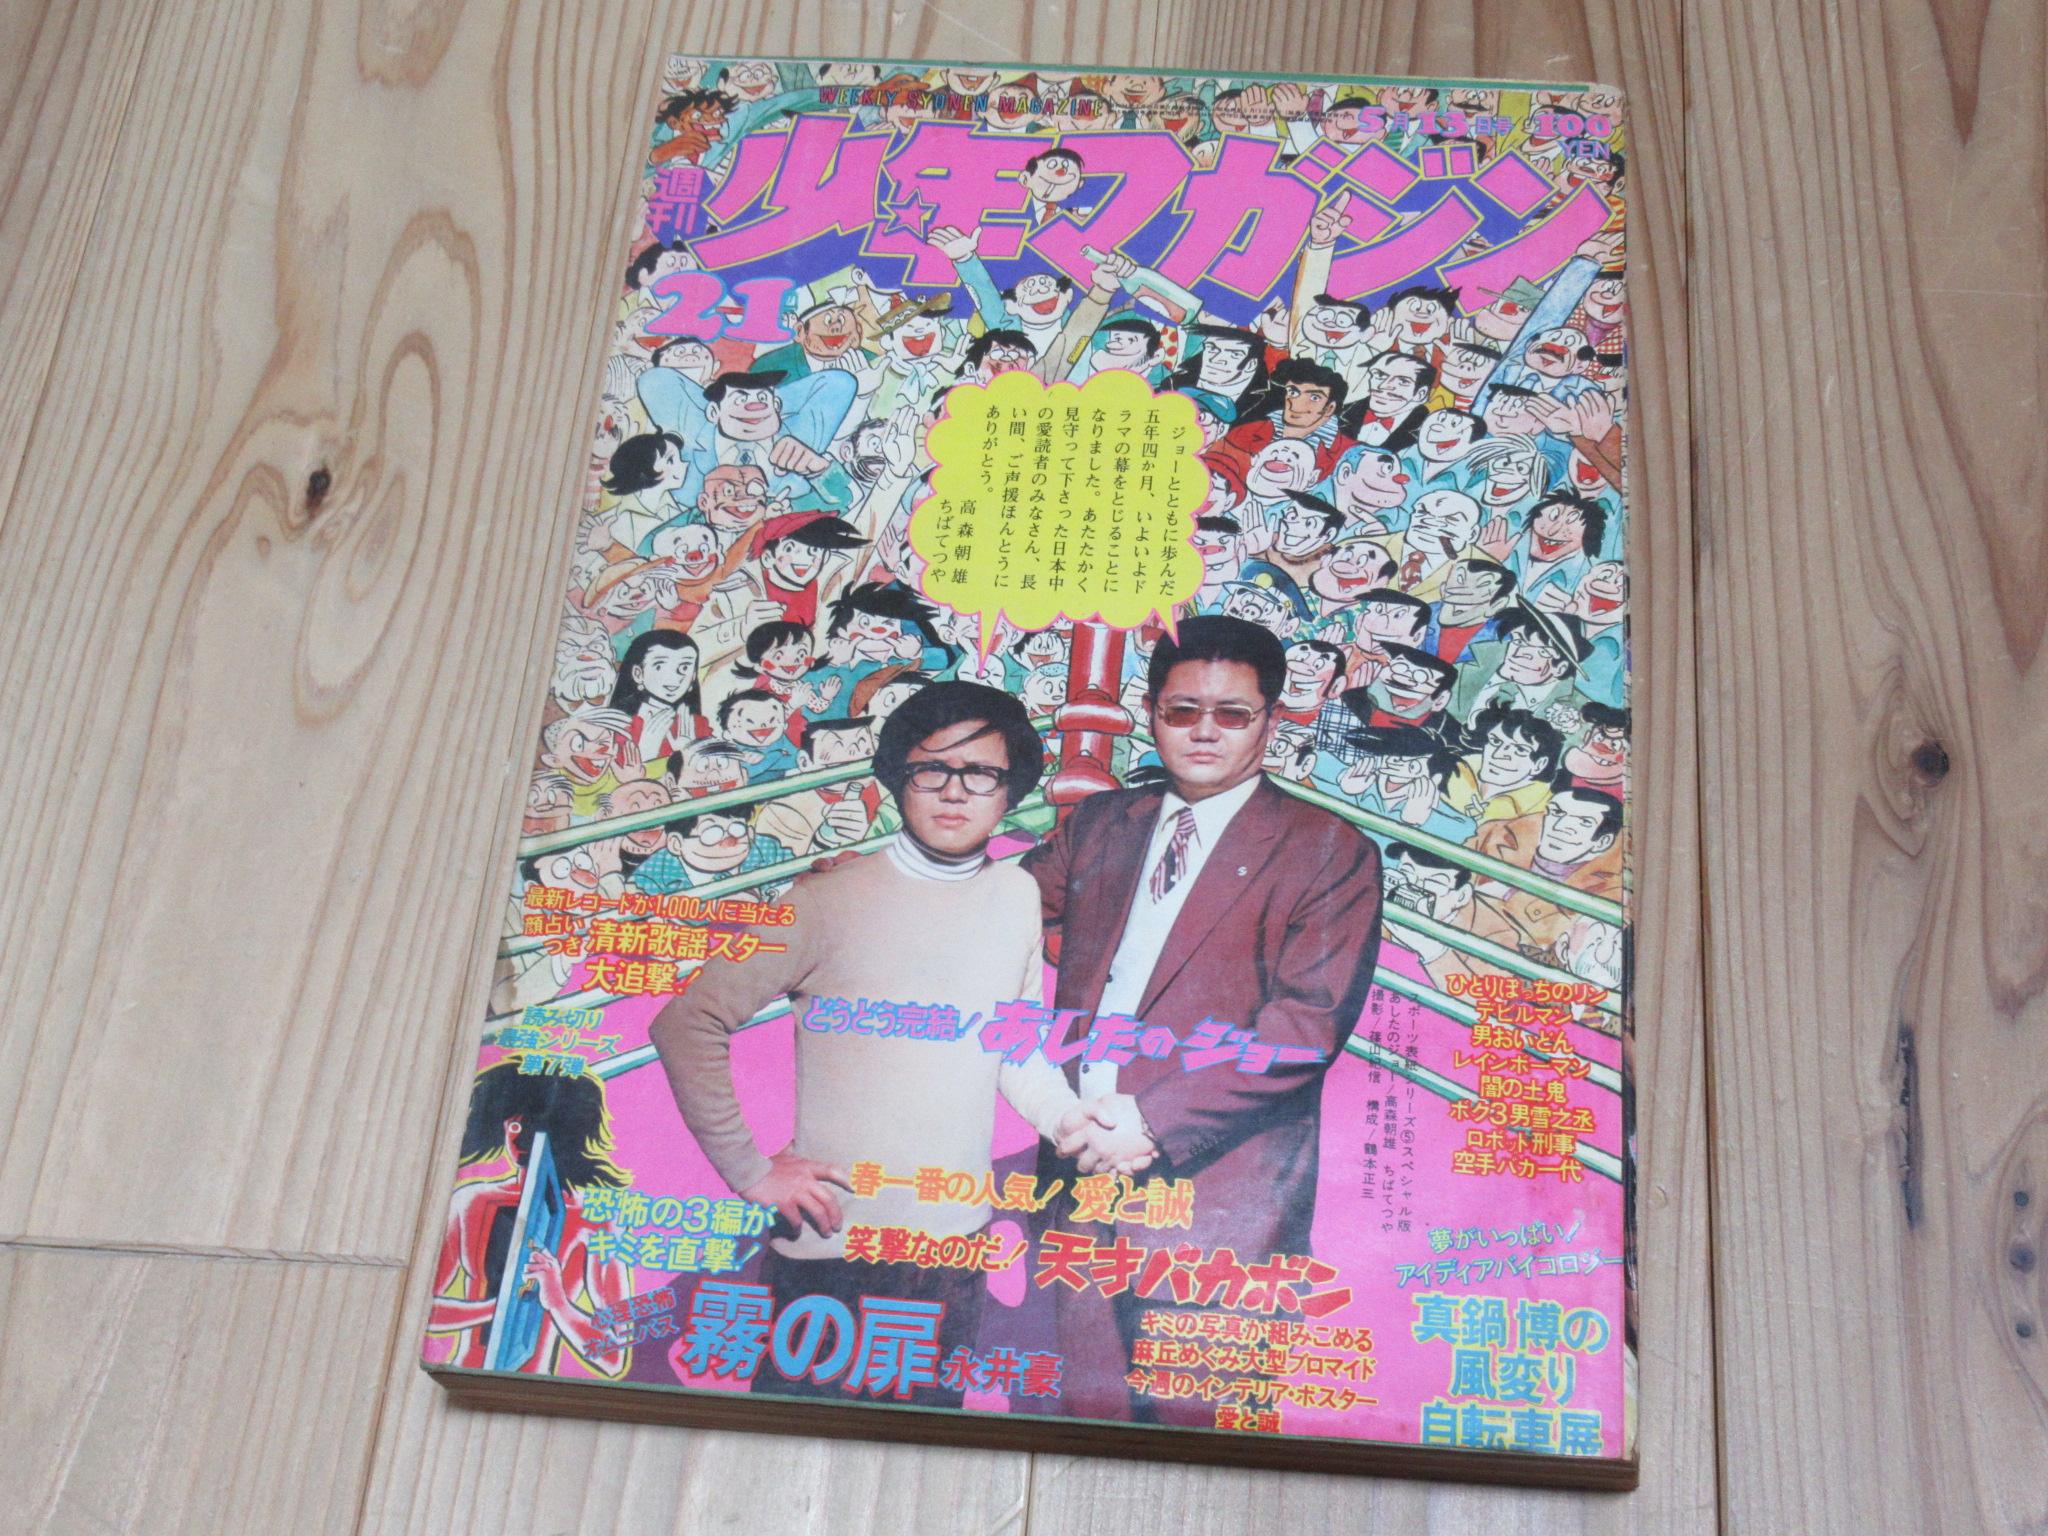 あしたのジョー 最終回号 1974年21号 週刊少年マガジン買取